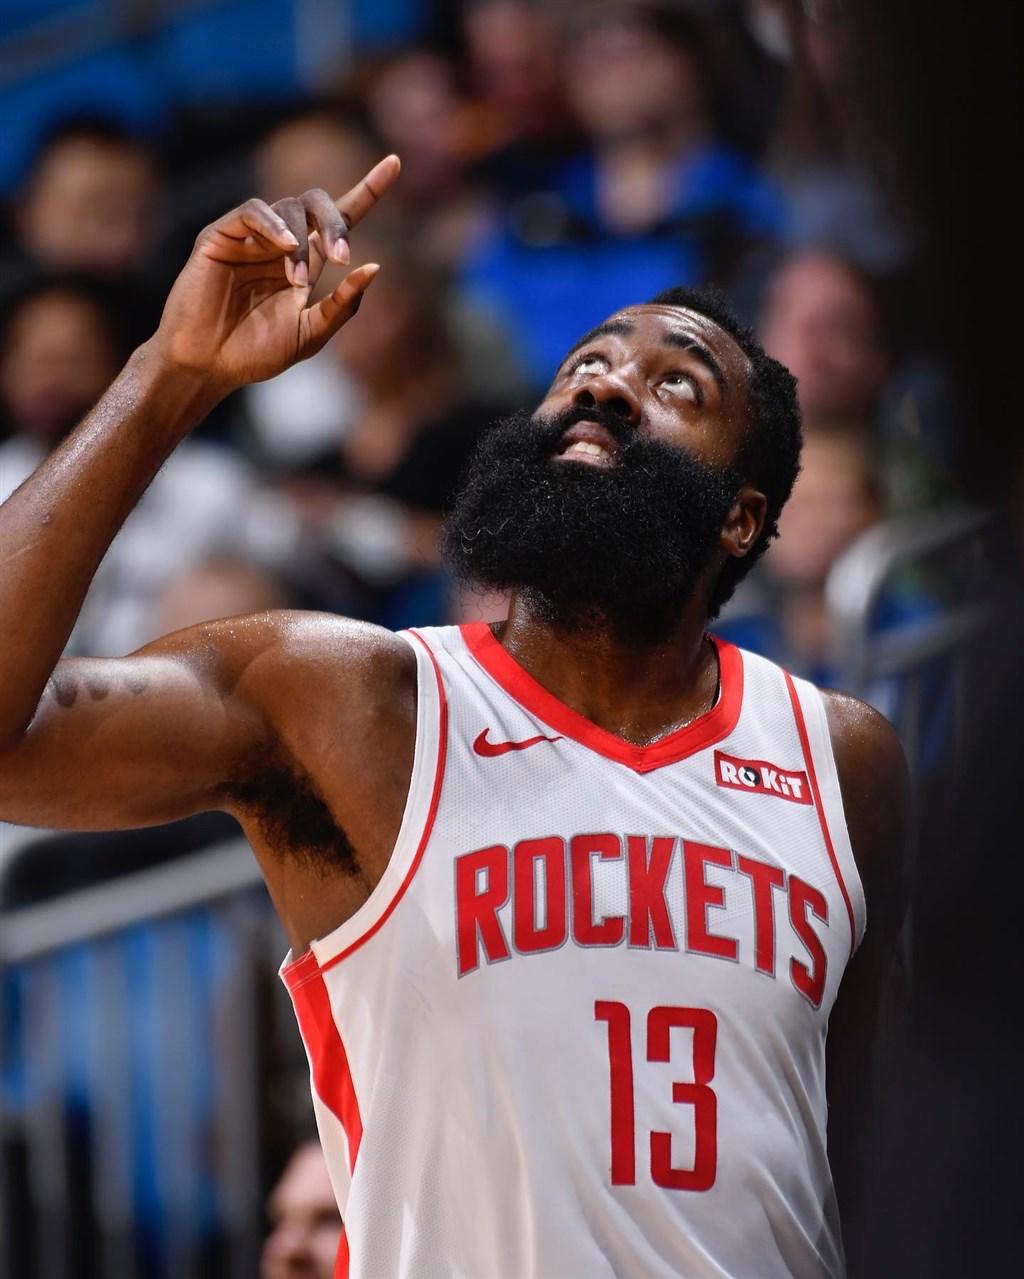 美國職籃NBA休士頓火箭透過4隊交易,將「大鬍子」哈登(圖)換到布魯克林籃網隊,將與籃網超級巨星杜蘭特、厄文組成三巨頭。(圖取自facebook.com/jharden13)